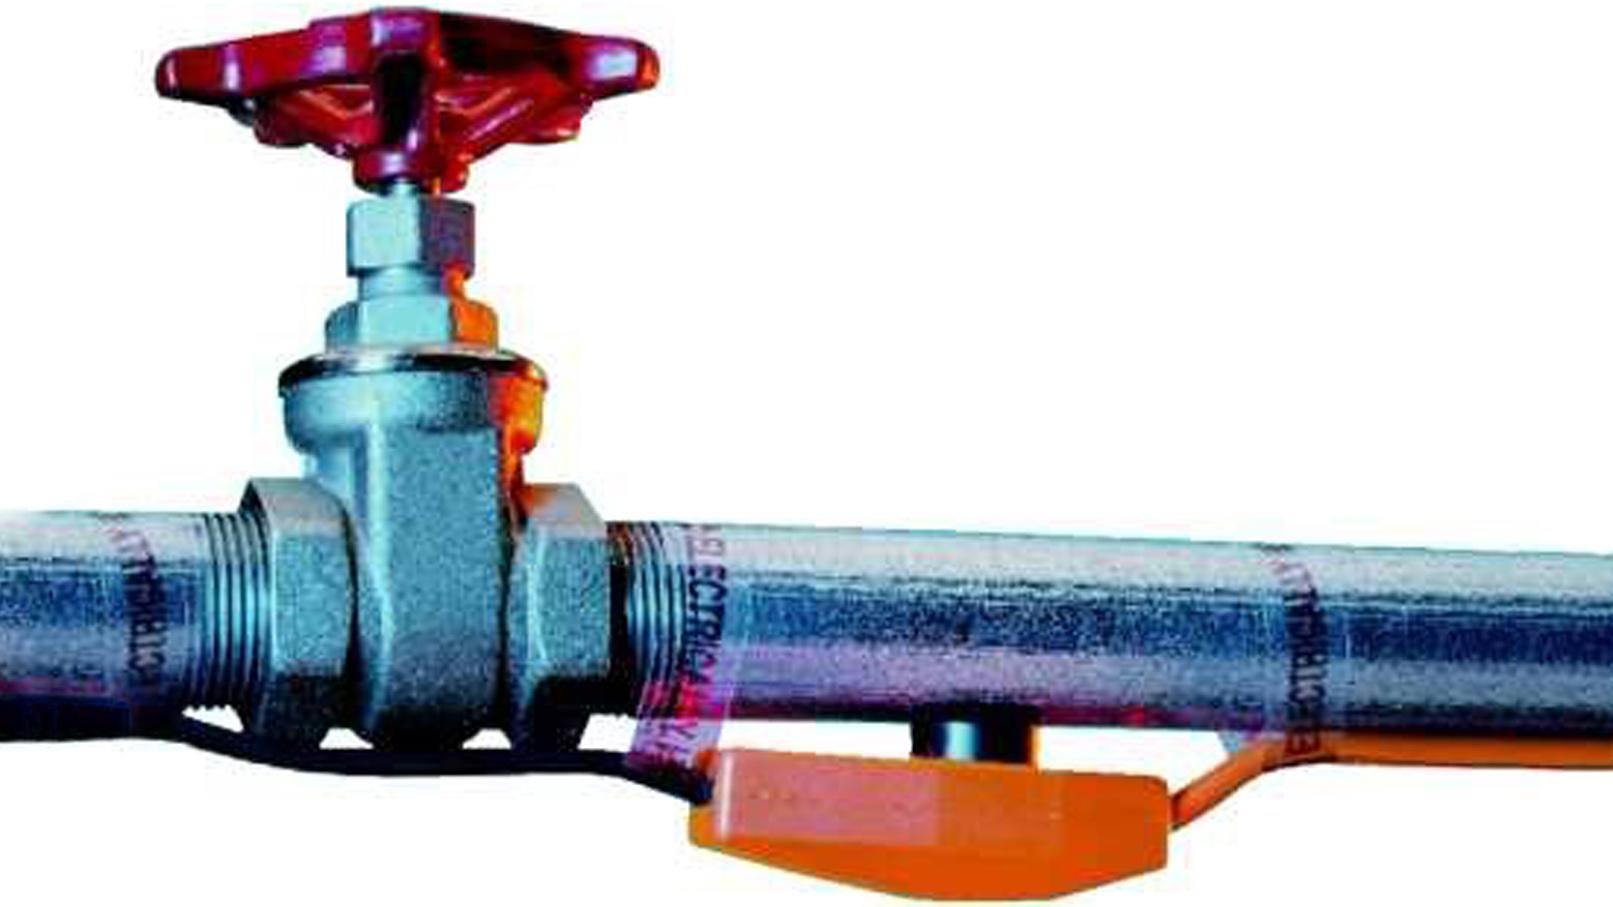 Как закрепитm терморегулятор на обогреваемой трубе